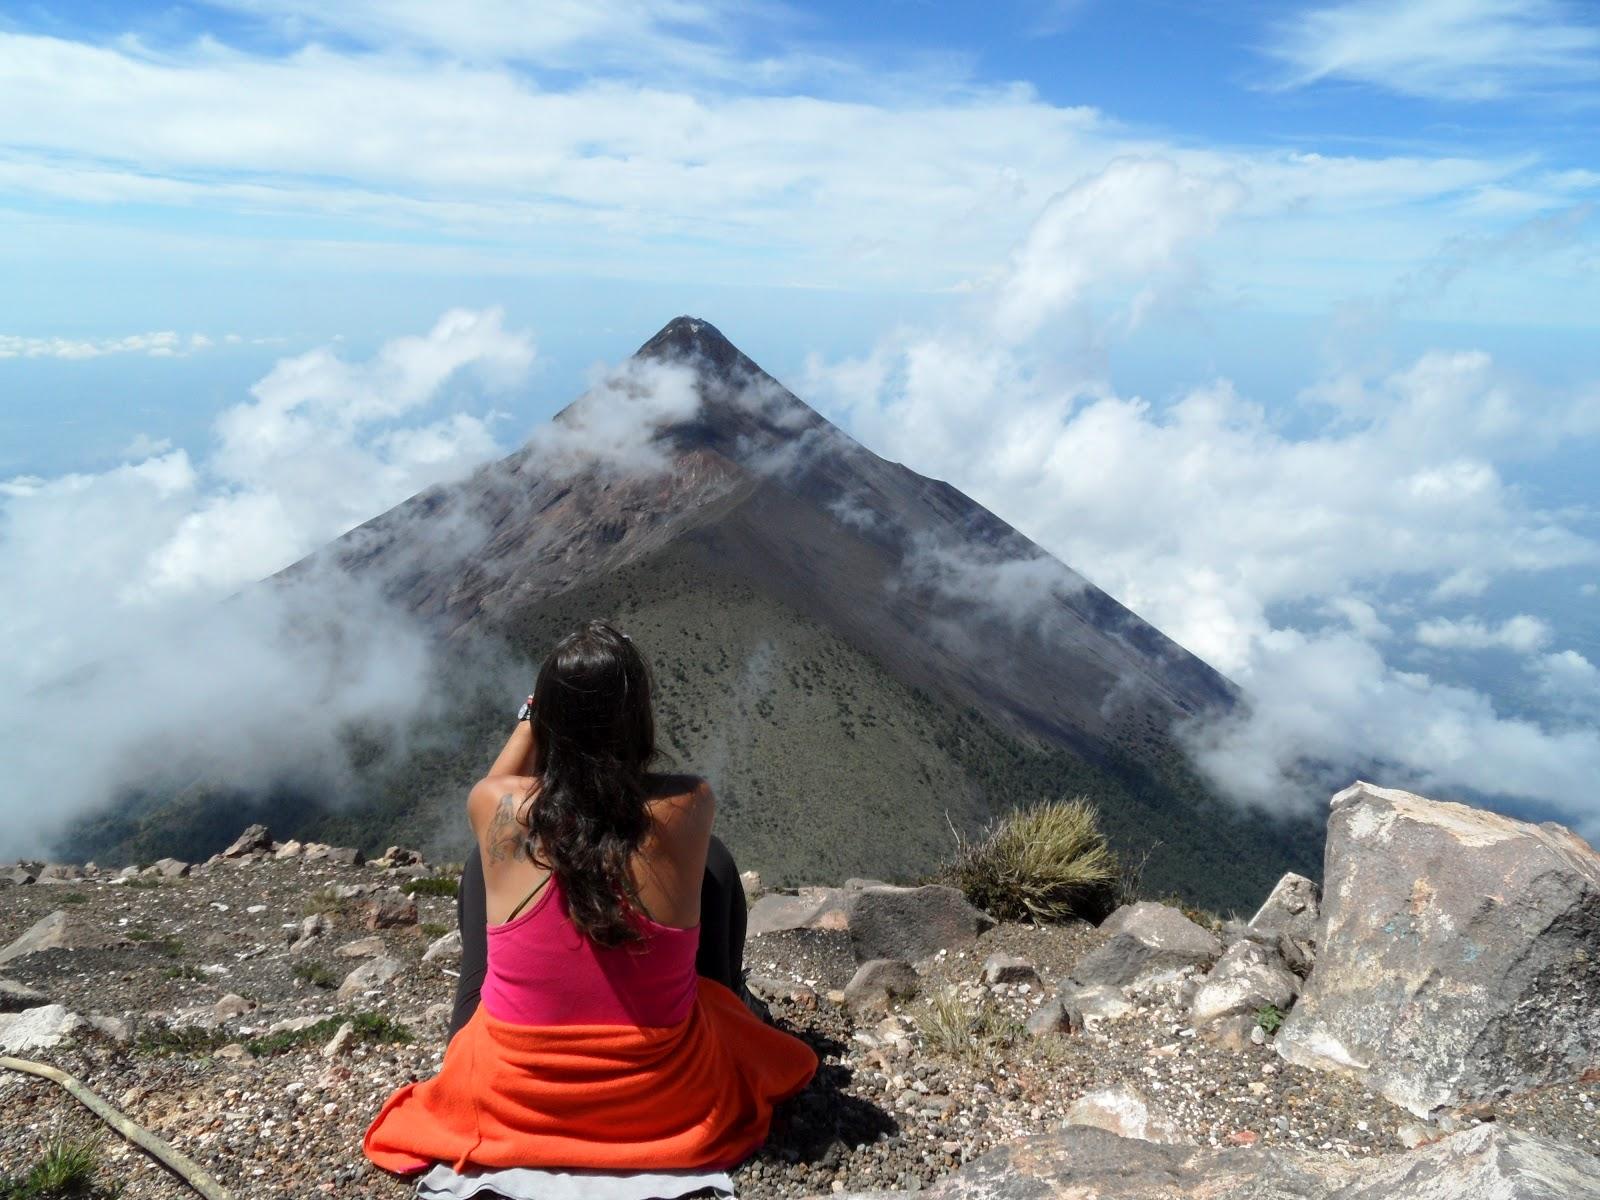 Subir o VULCÃO ACATENANGO (3975 m) e contemplar o esplendor de um país | Guatemala